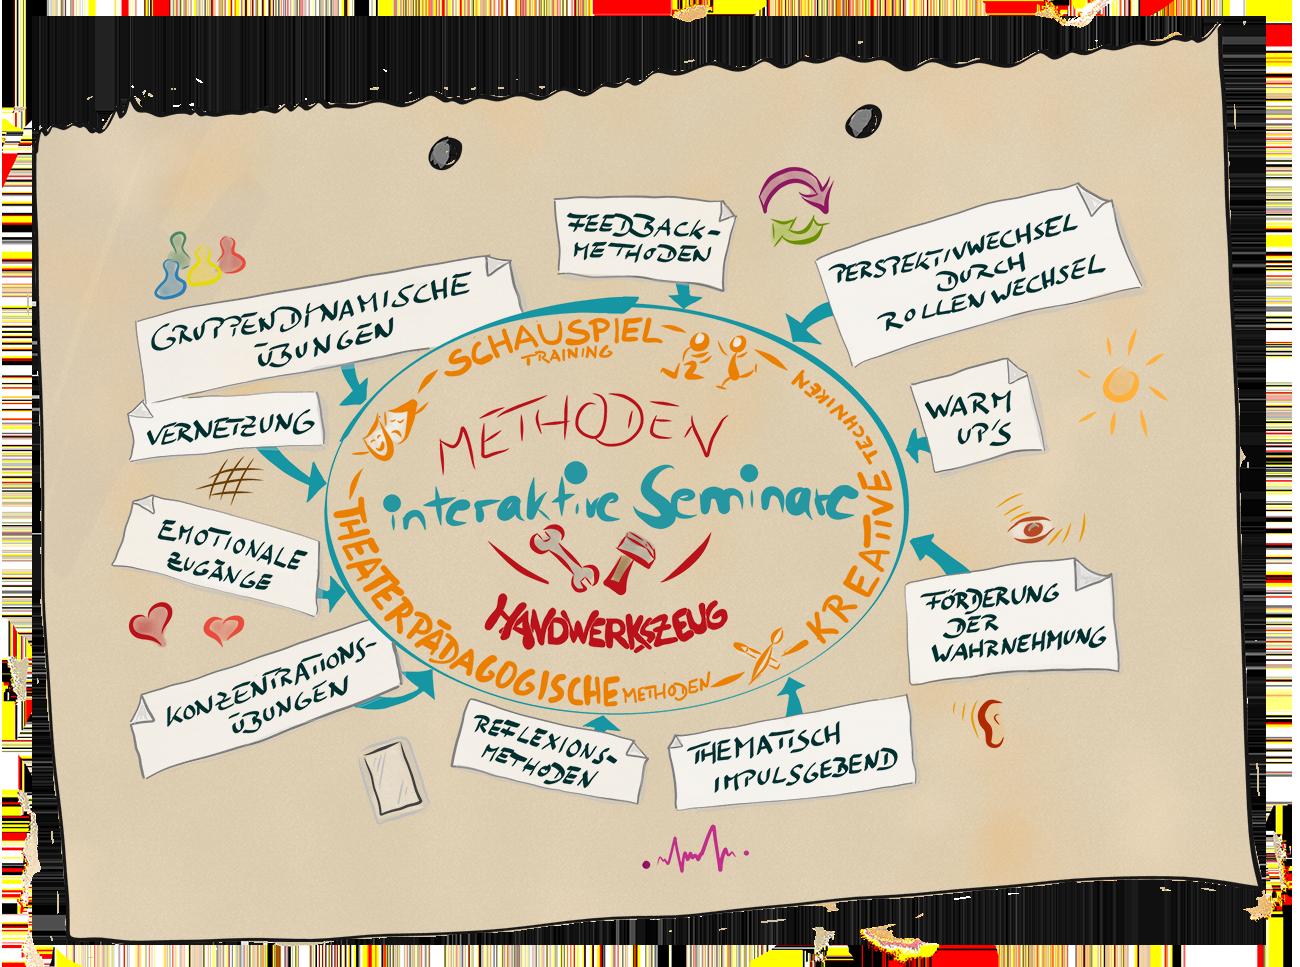 Methoden und Handwerkszeug für interaktive Seminare